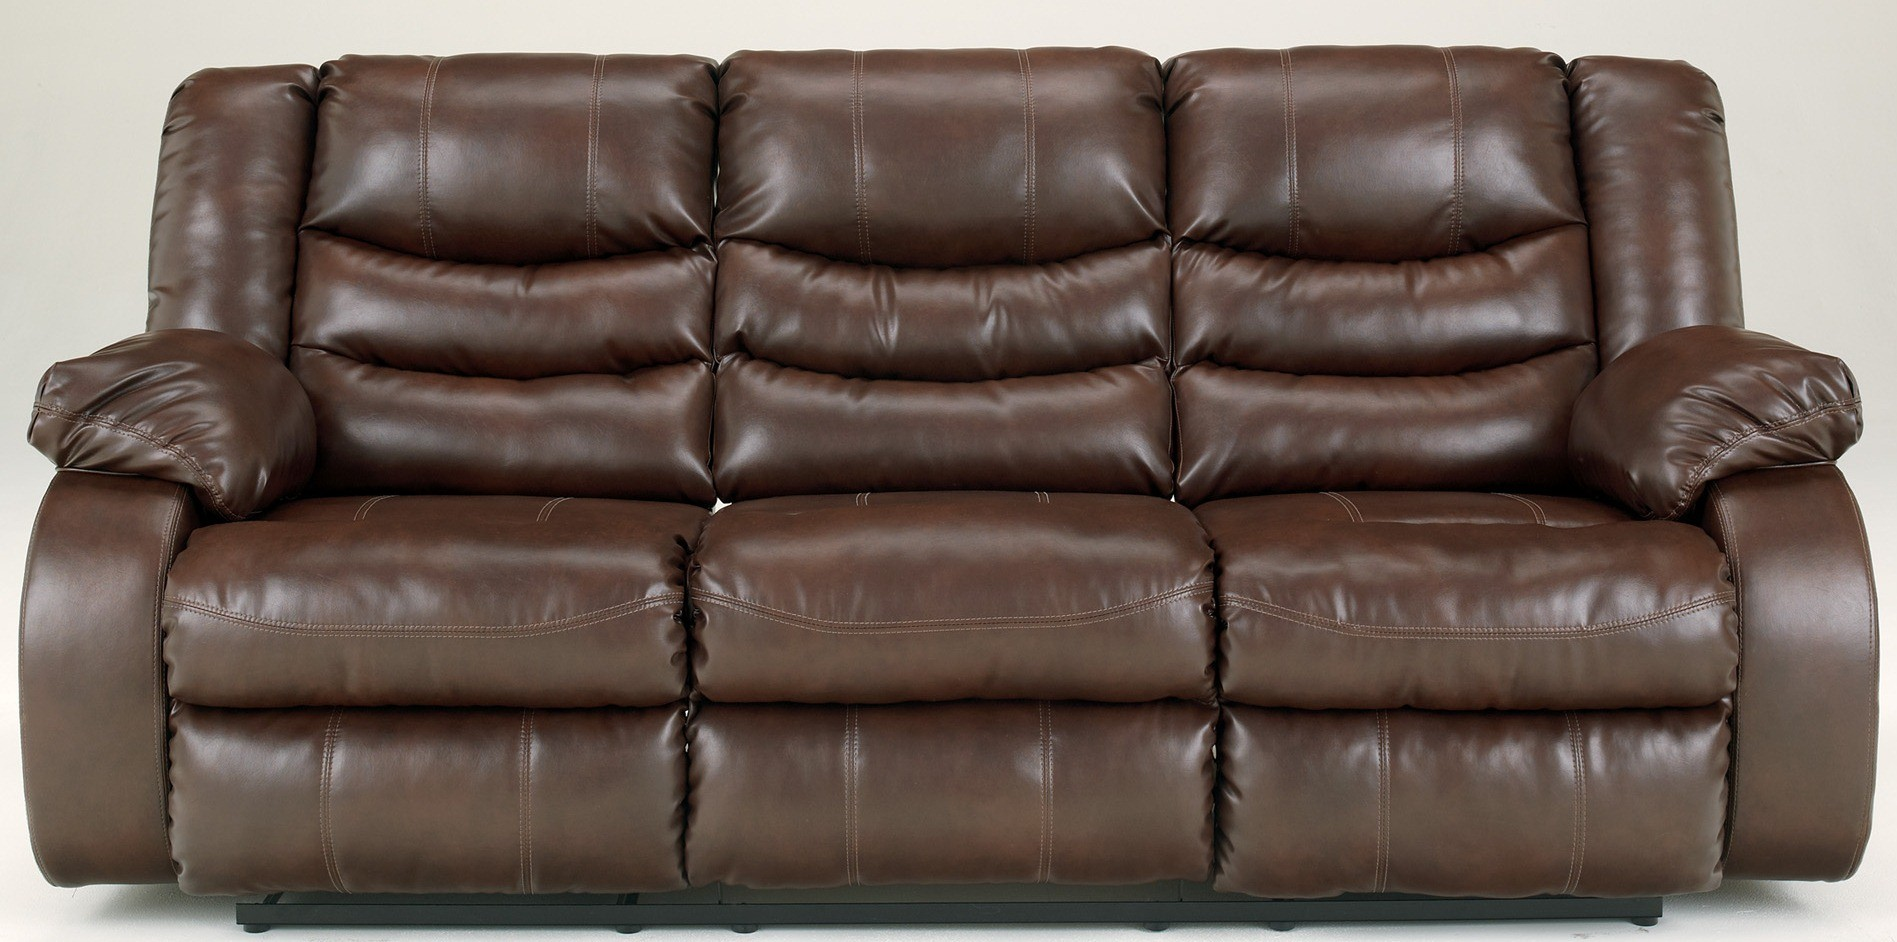 Linebacker Durablend Espresso Reclining Sofa From Ashley